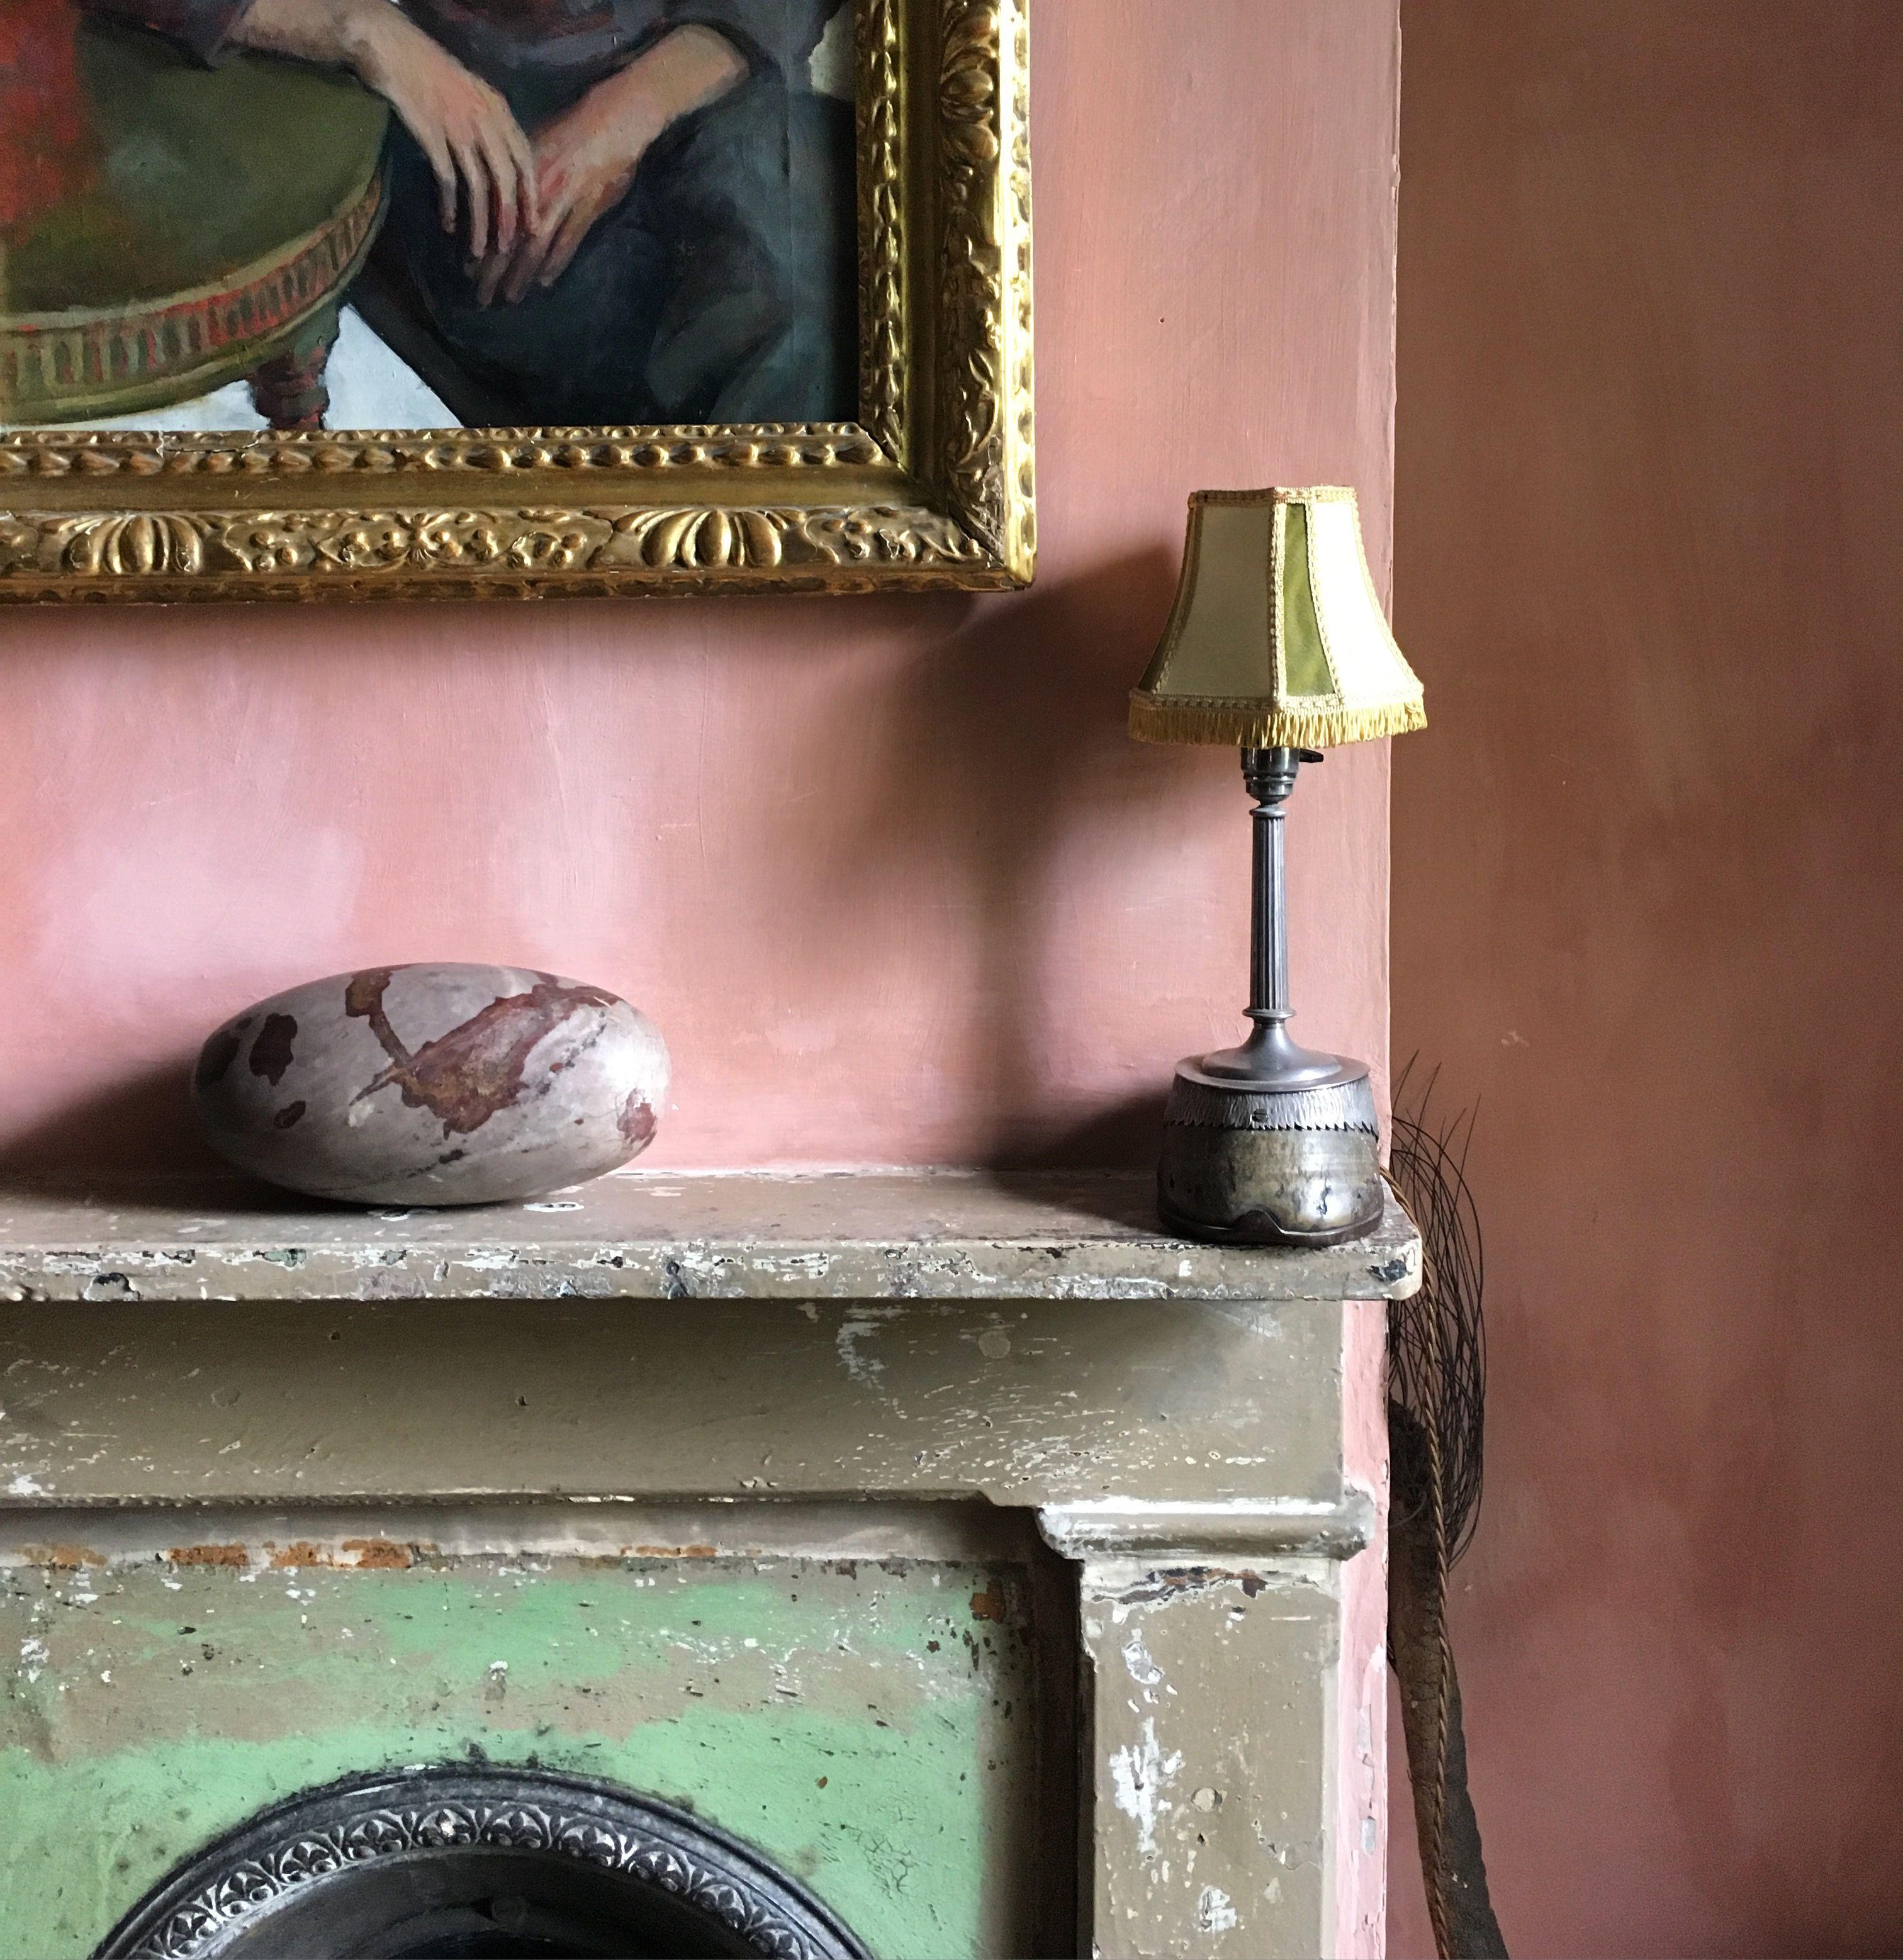 malplaquet house, east london   vignettes   Pinterest   East london ...